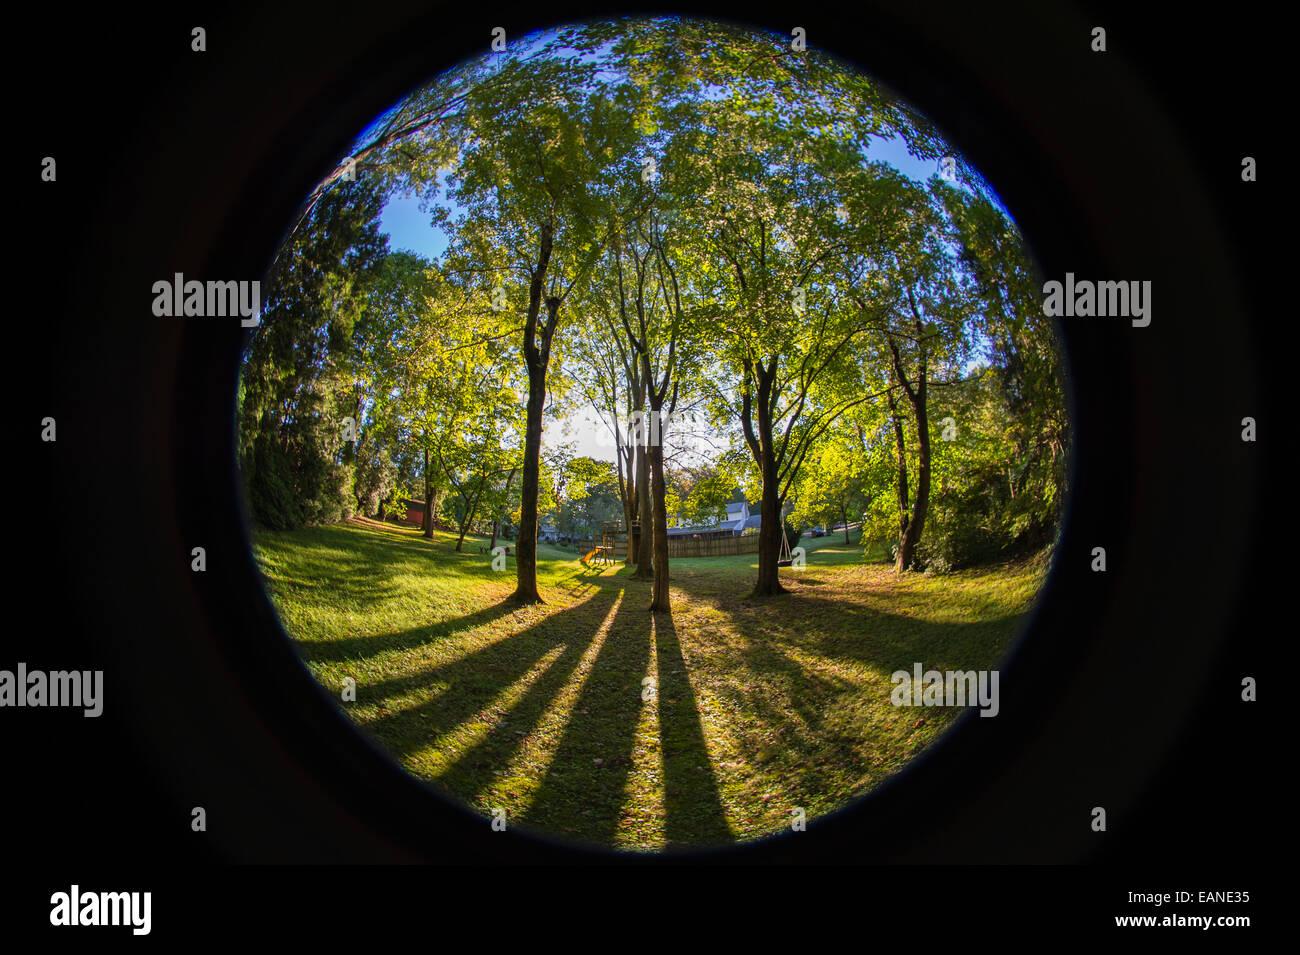 early morning sun shining through trees in backyard fisheye lens